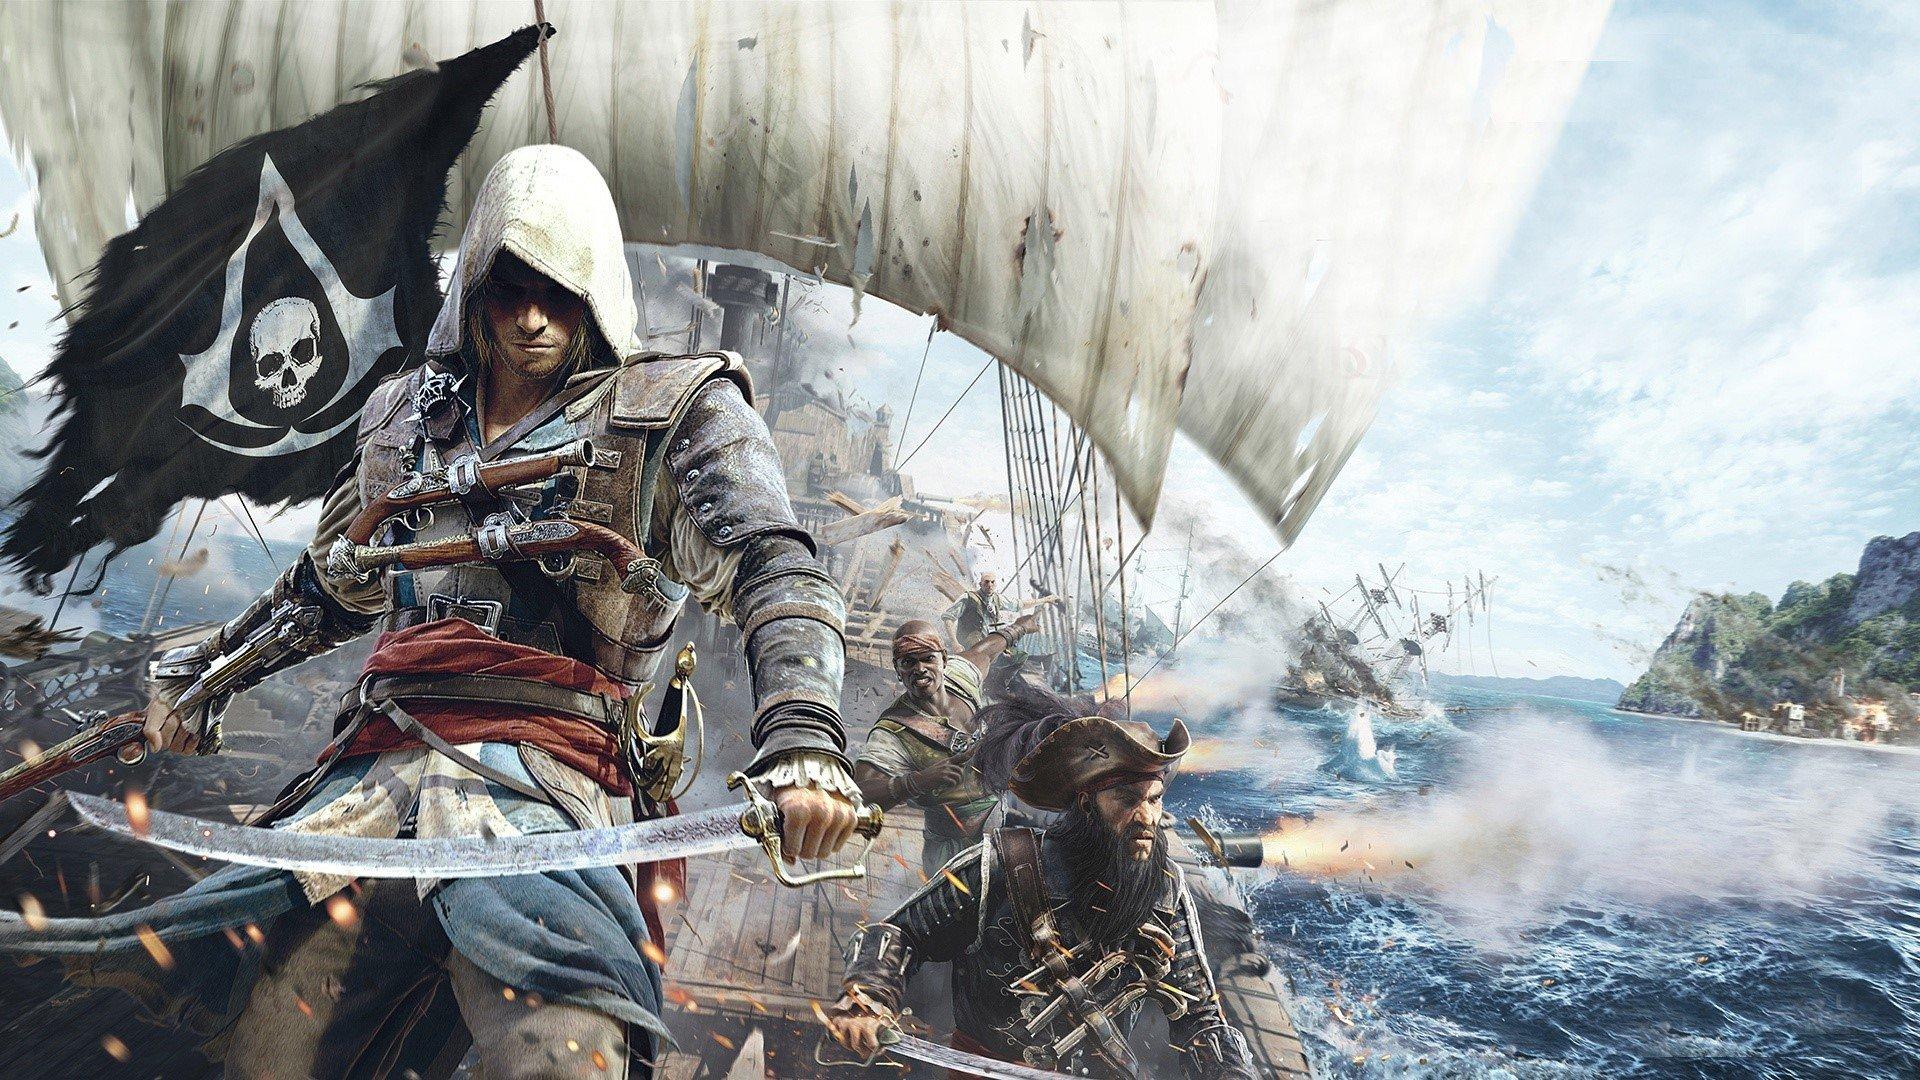 Fondos de pantalla Assassins Creed 4 Black Flag